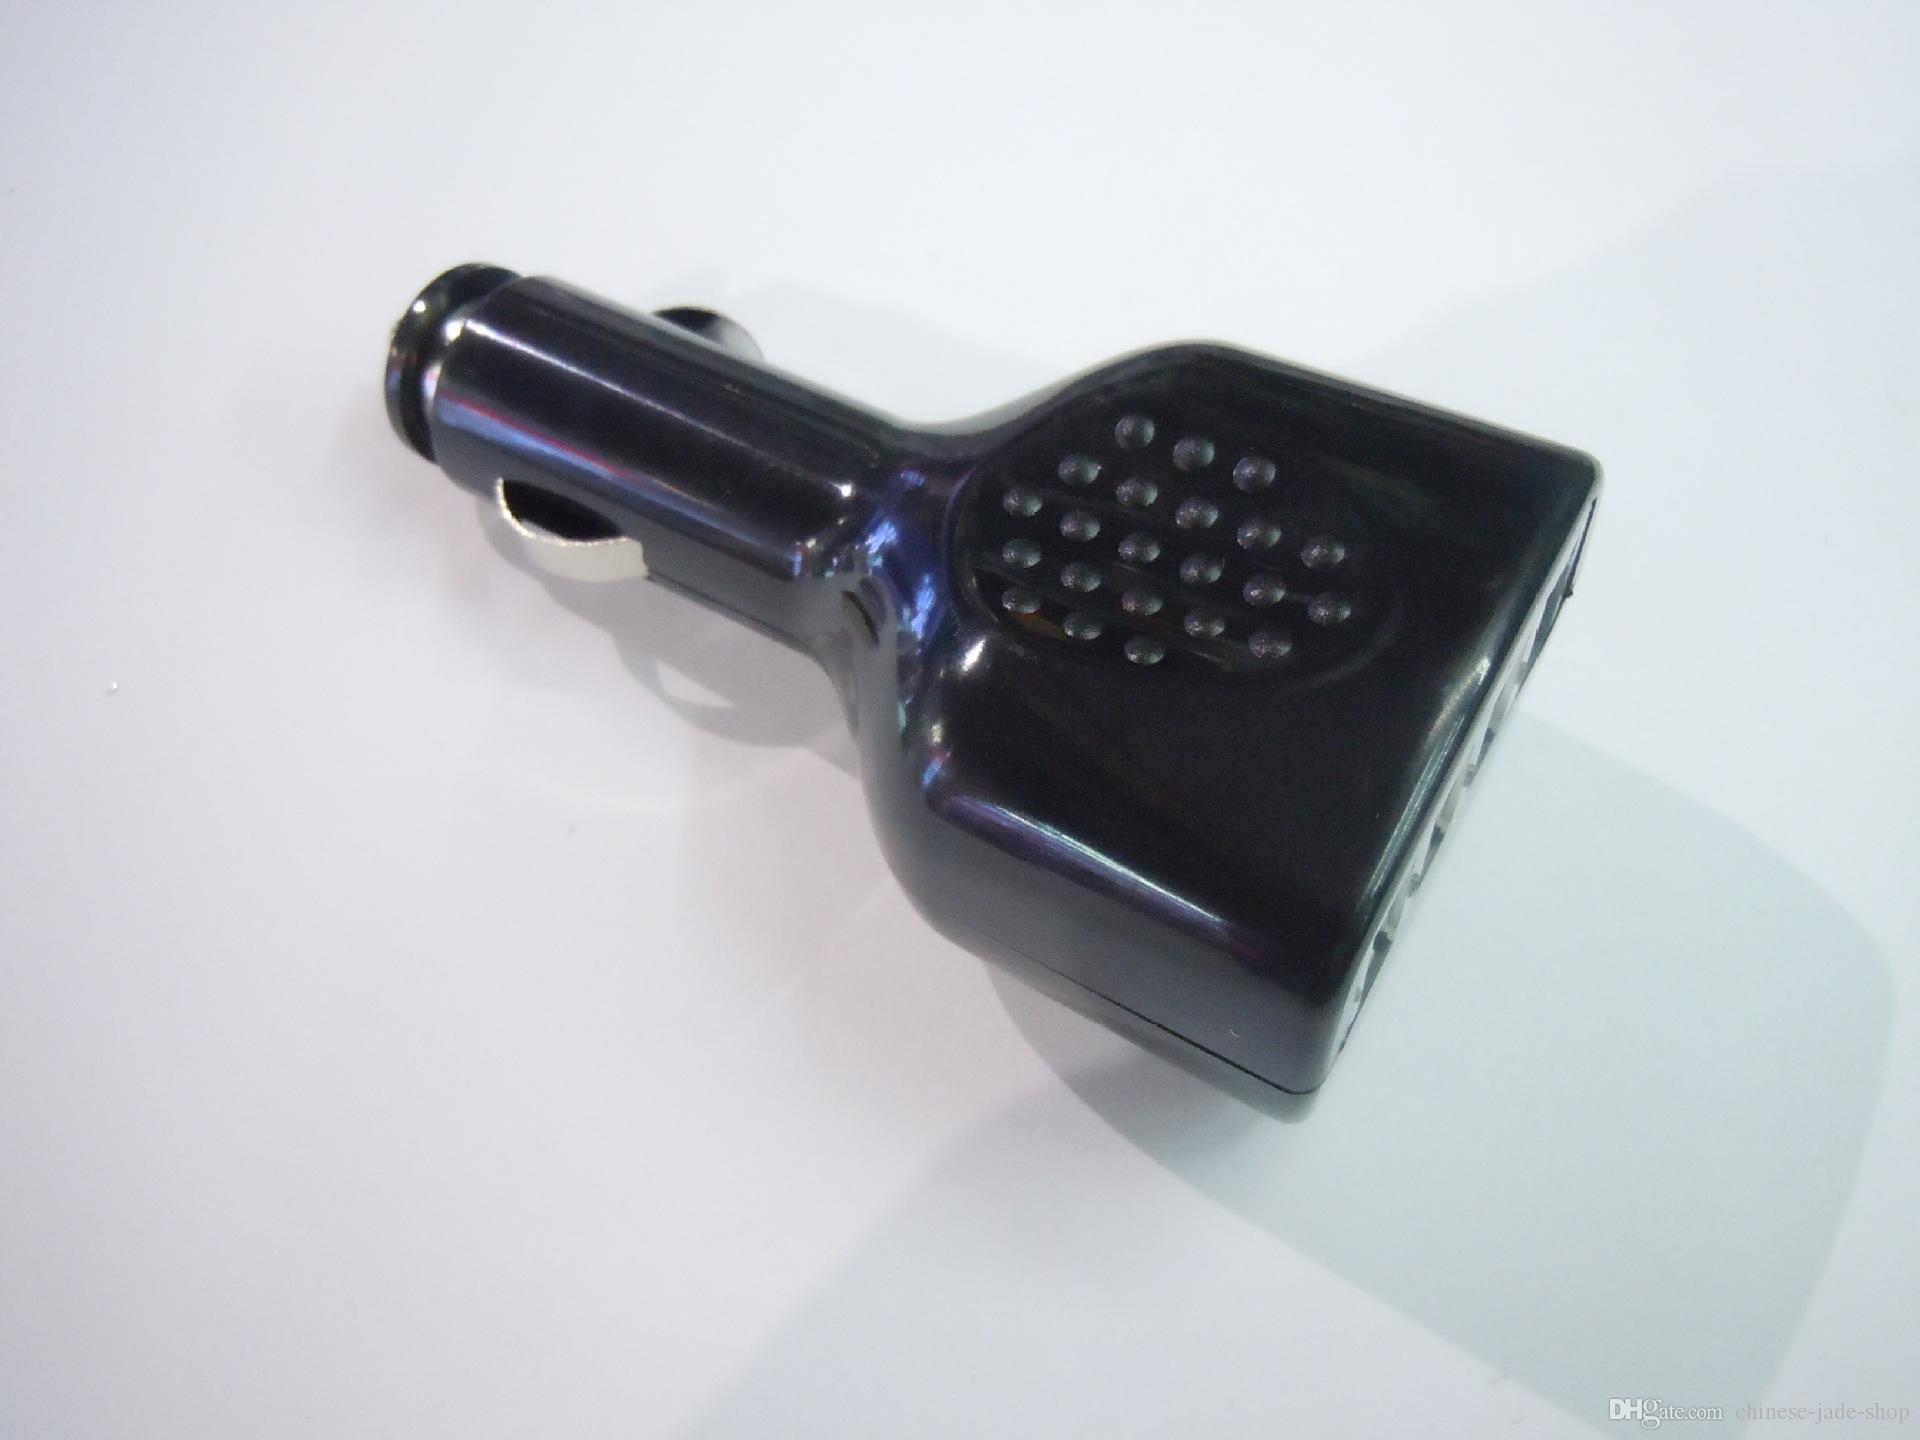 2.1A Multi-fonction 4 USB Ports Auto Ladegerät für ipad Tablet Handy schwarz weiß kein Einzelhandel Paket 50 teile / los